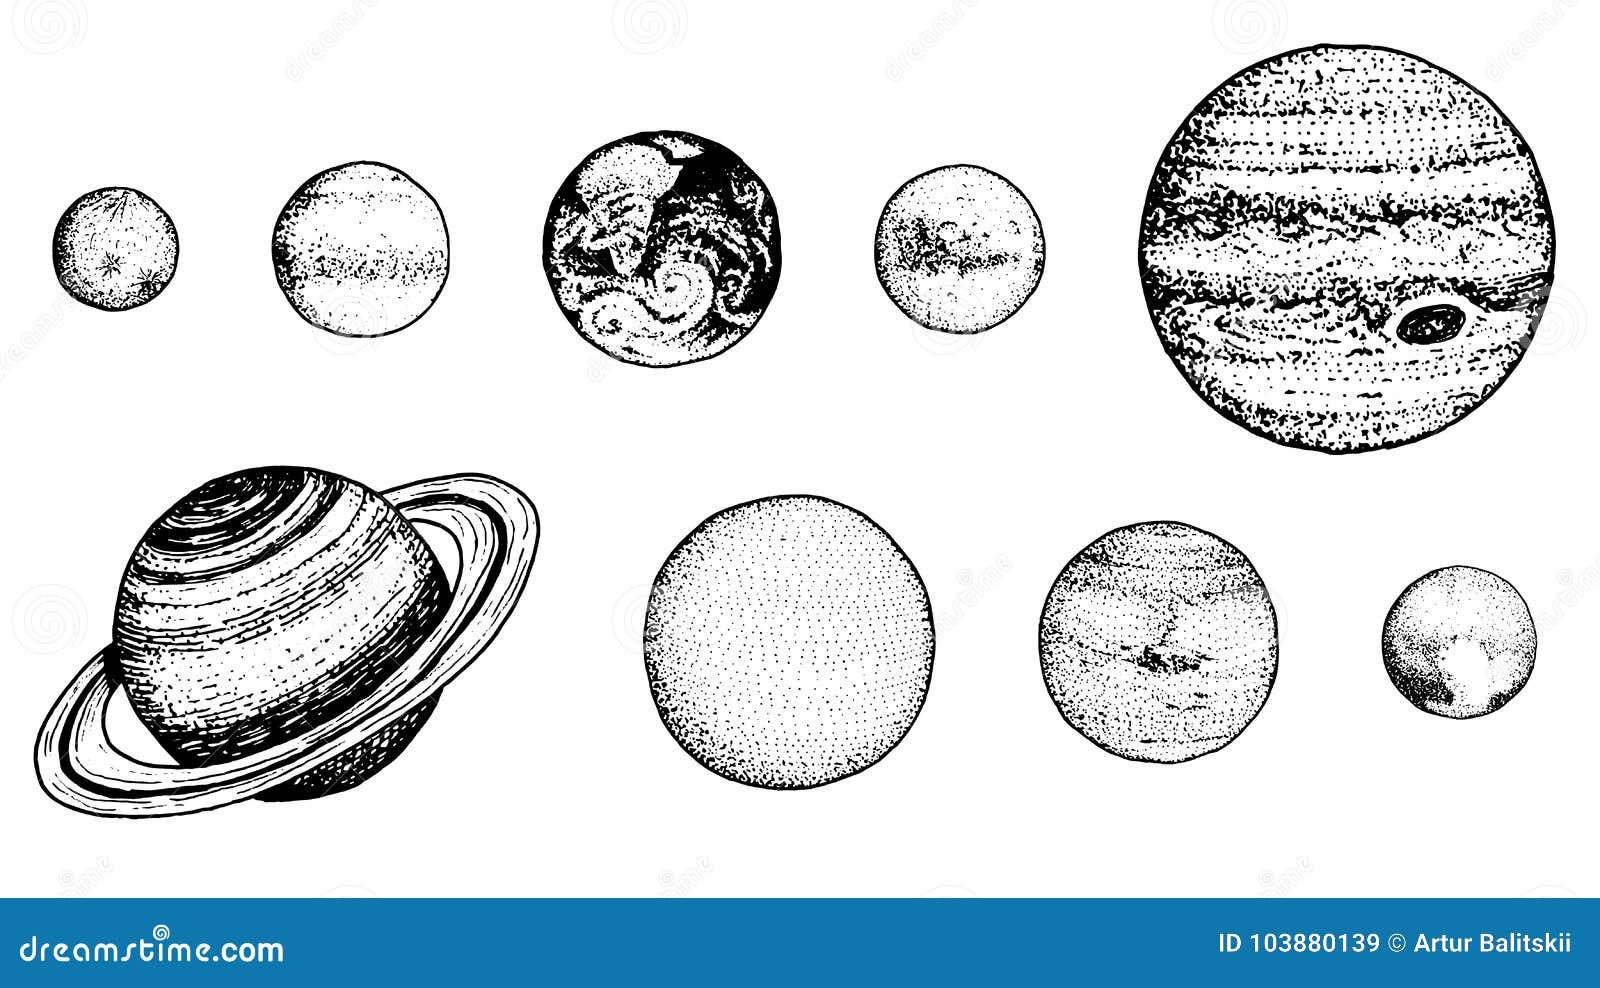 Planeten in zonnestelsel de maan en de zon, kwik en aarde, brengen en venus, Jupiter of Saturnus en pluto in de war astronomisch